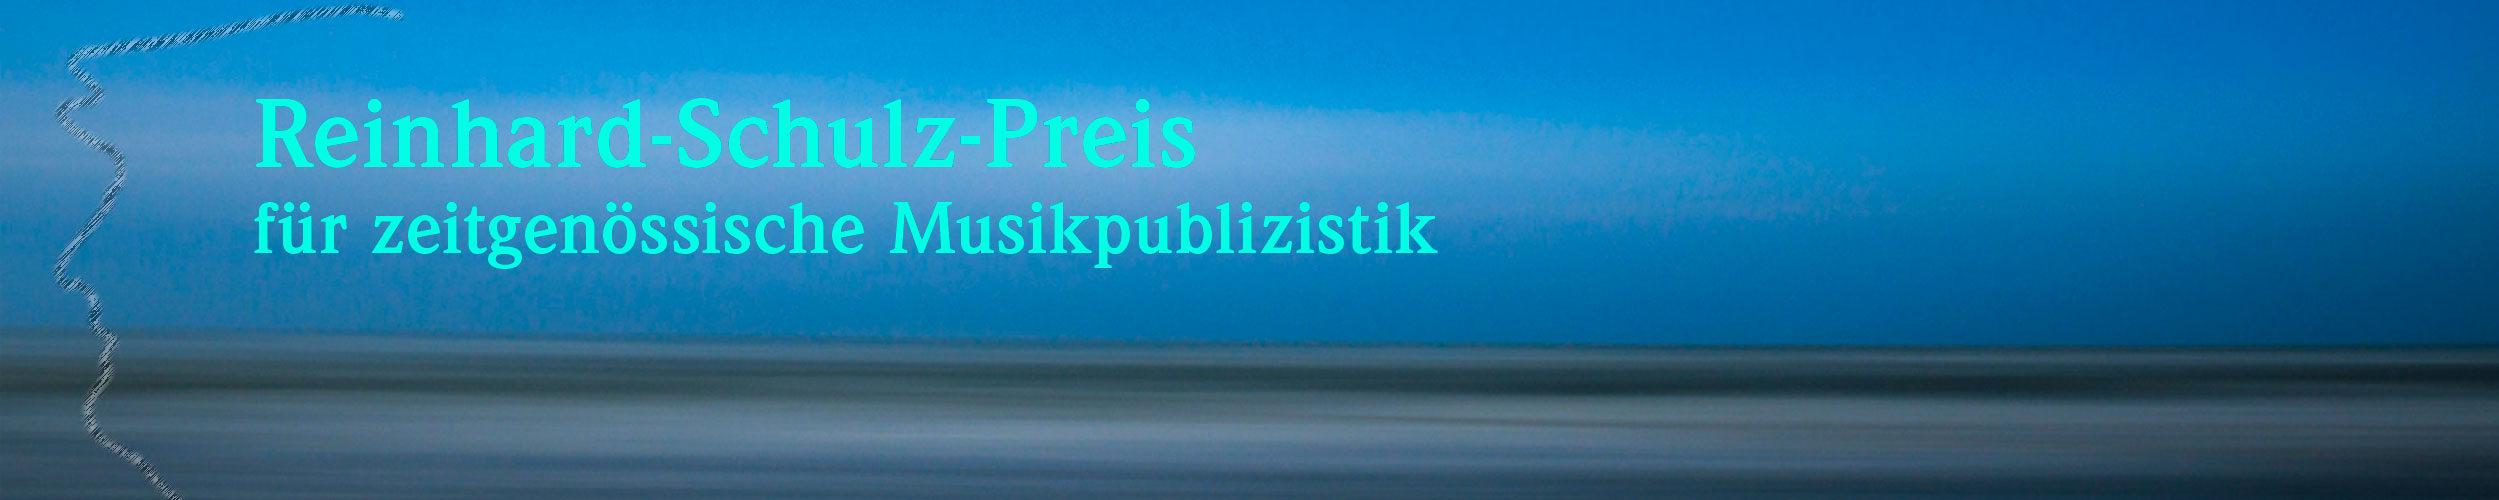 Reinhard-Schulz-Preis für zeitgenössische Musikpublizistik